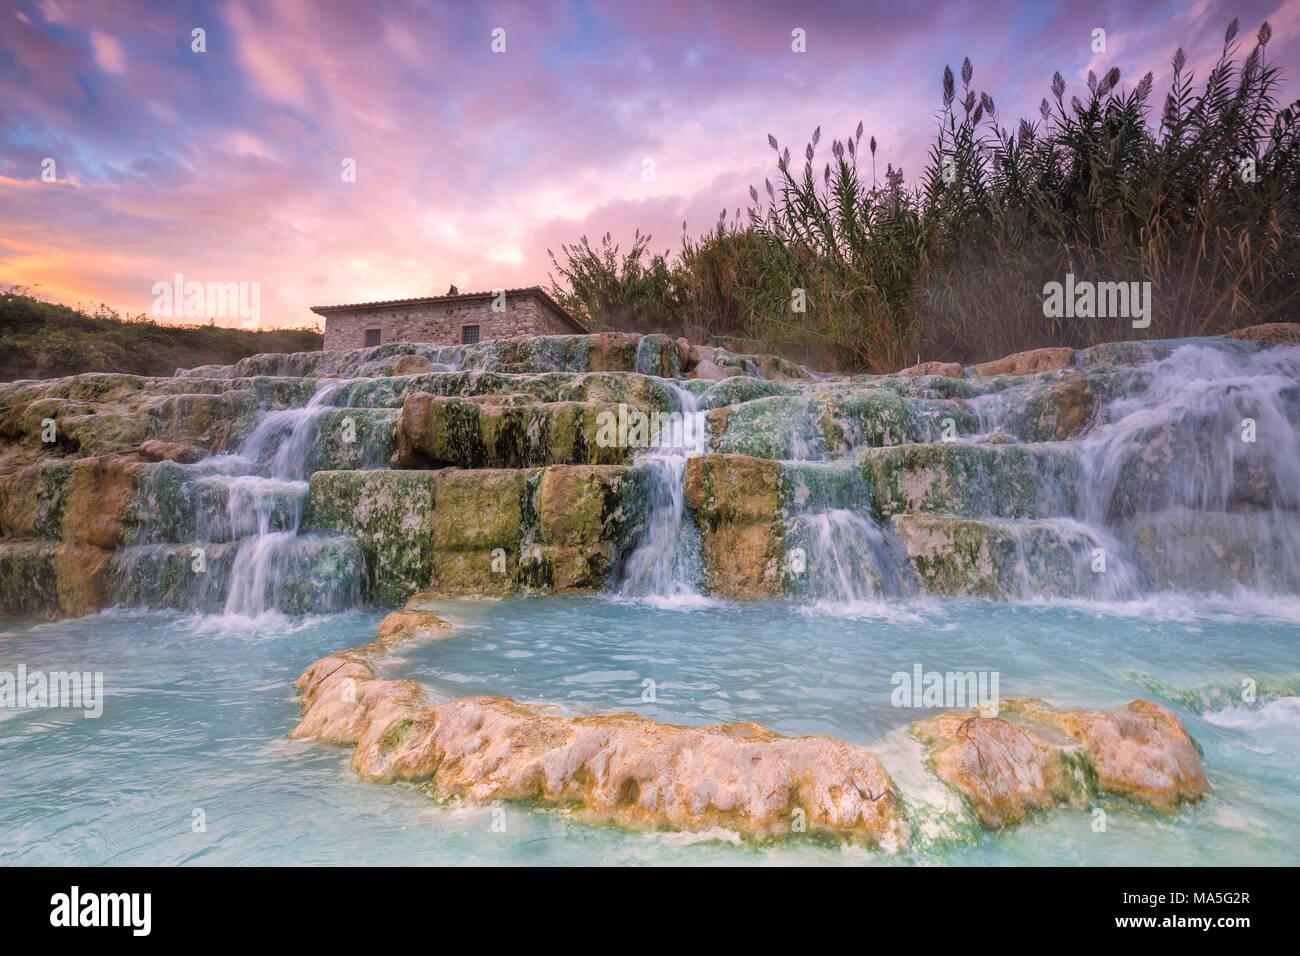 Sonnenuntergang im Termal Wasserfall Mühle von Saturnia ...